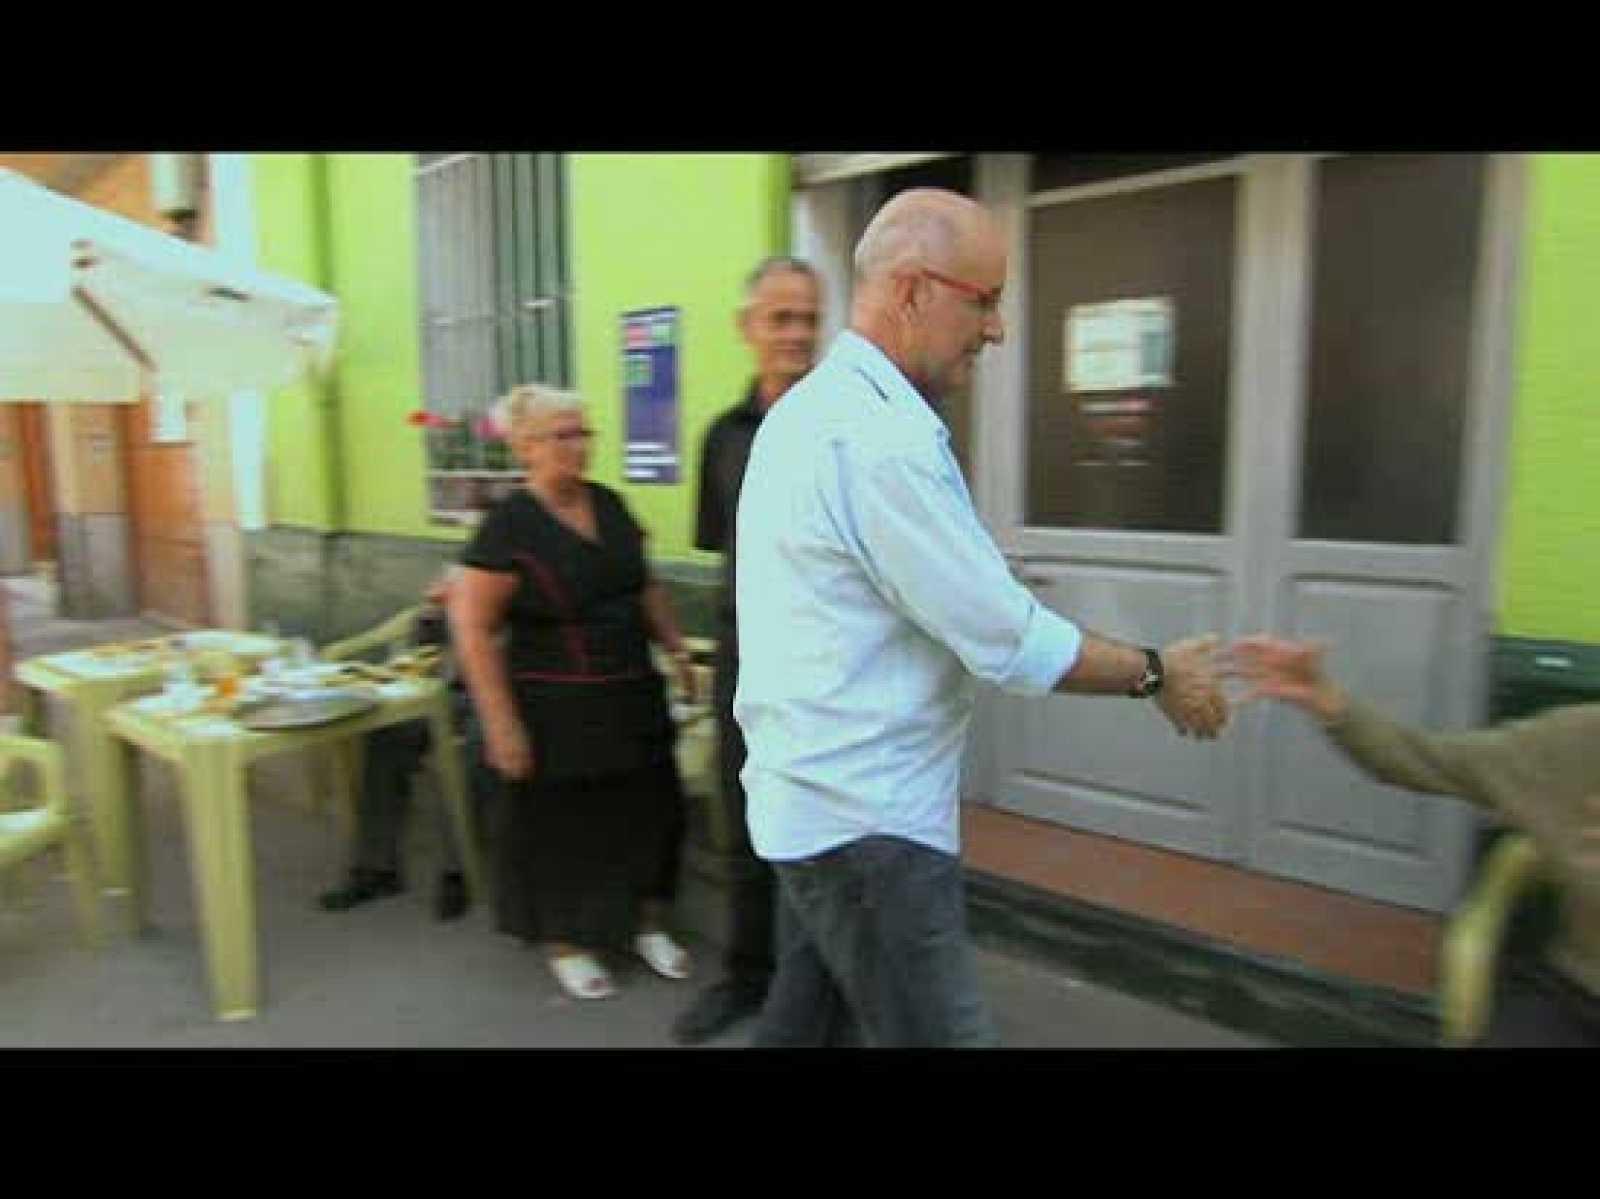 Duran I Lleida charla animadamente con un grupo de vecinos del pueblo